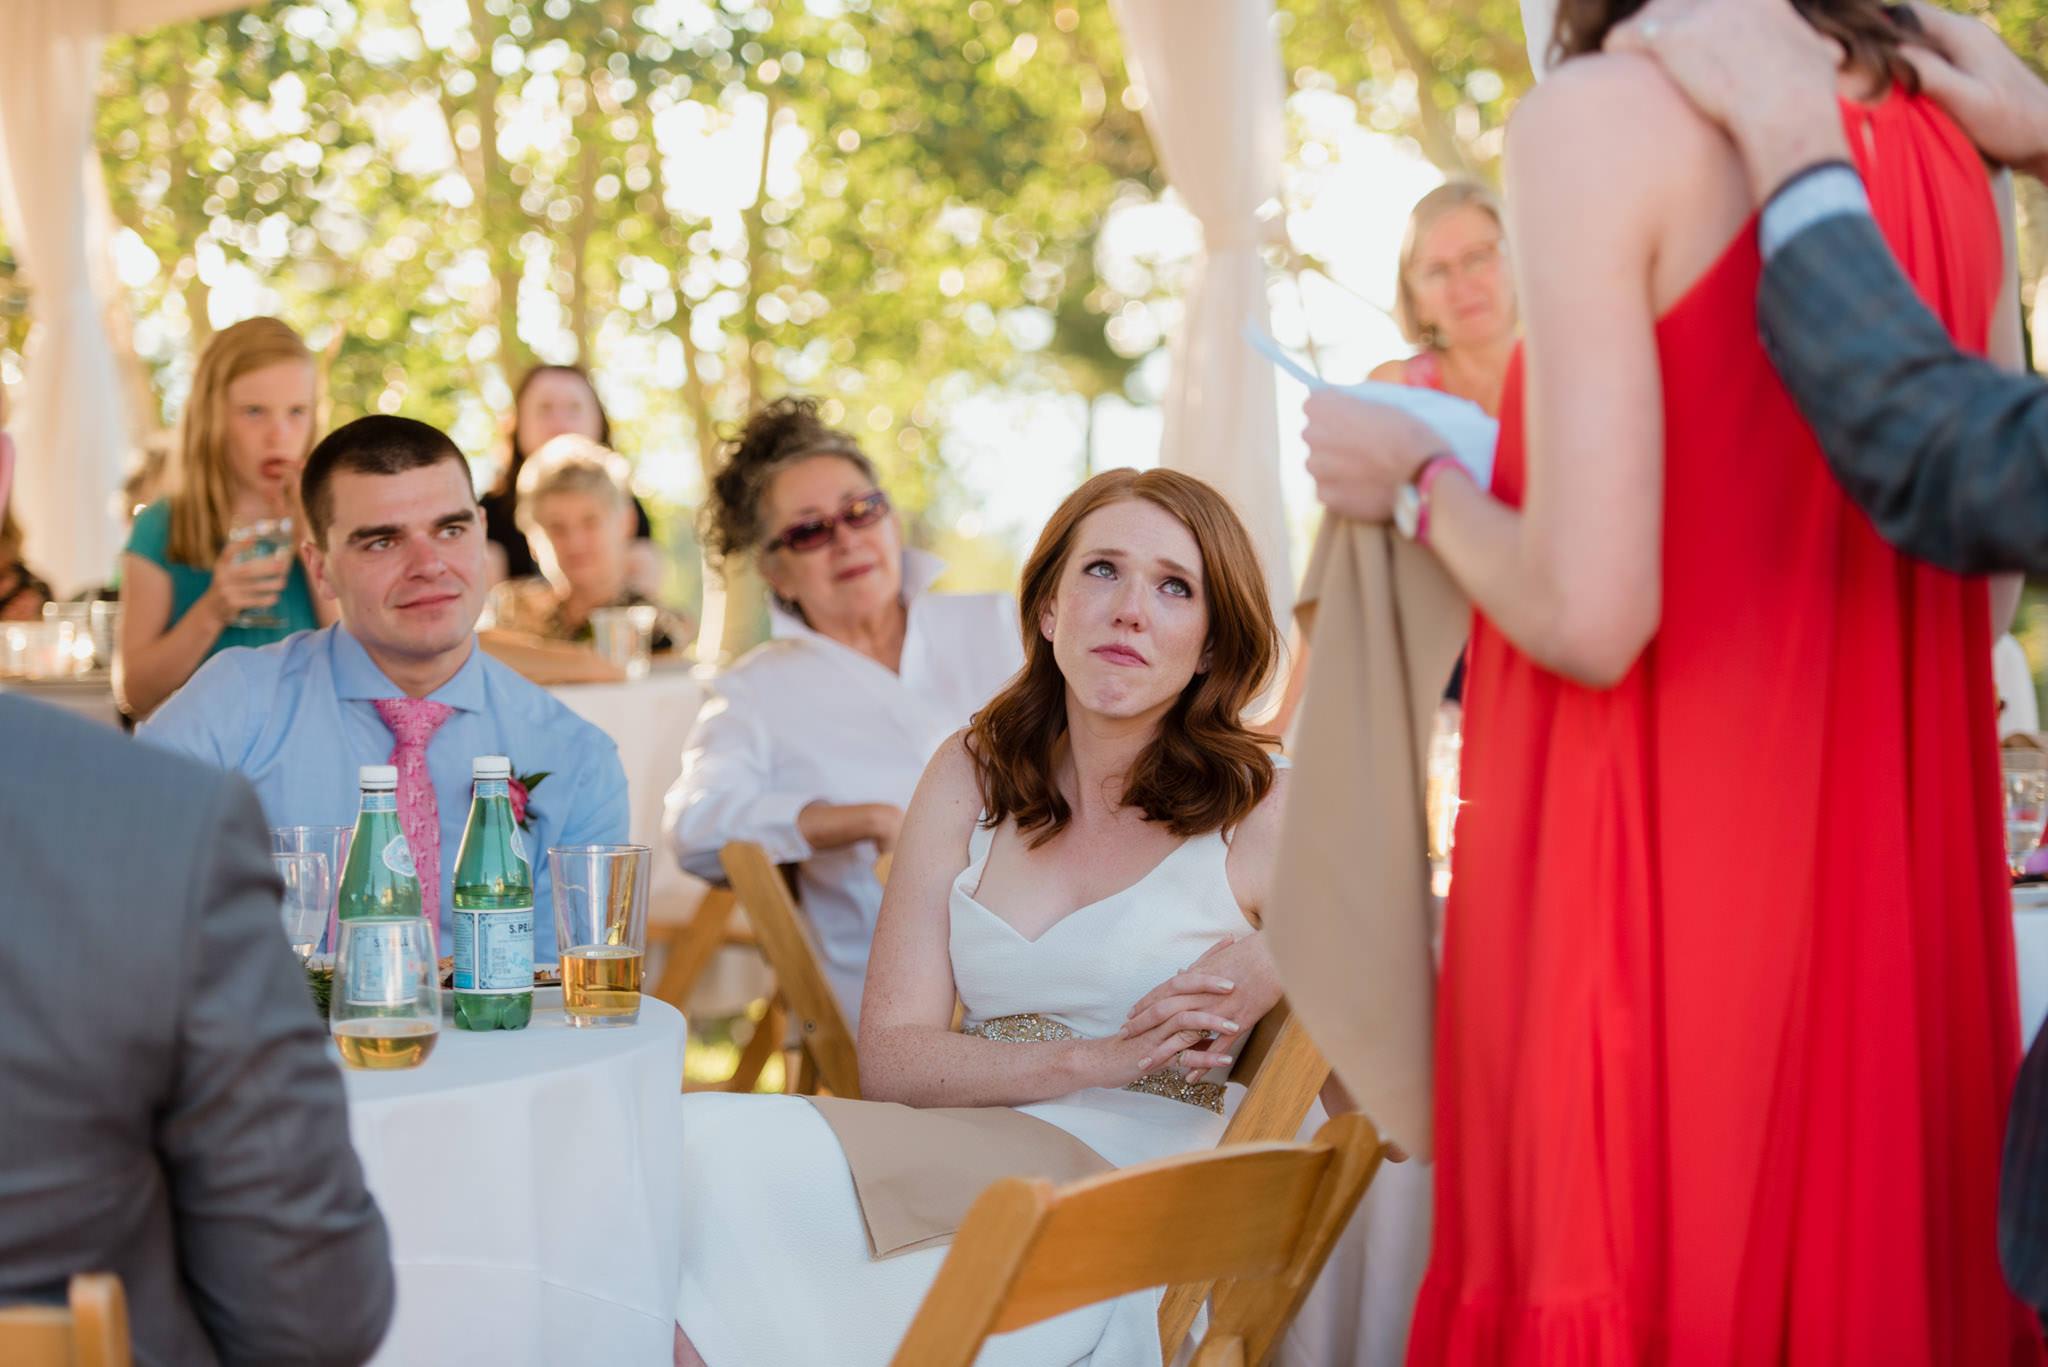 Zilla Photography - Bogus Basin Idaho Outdoor Summer DIY Wedding-16.jpg